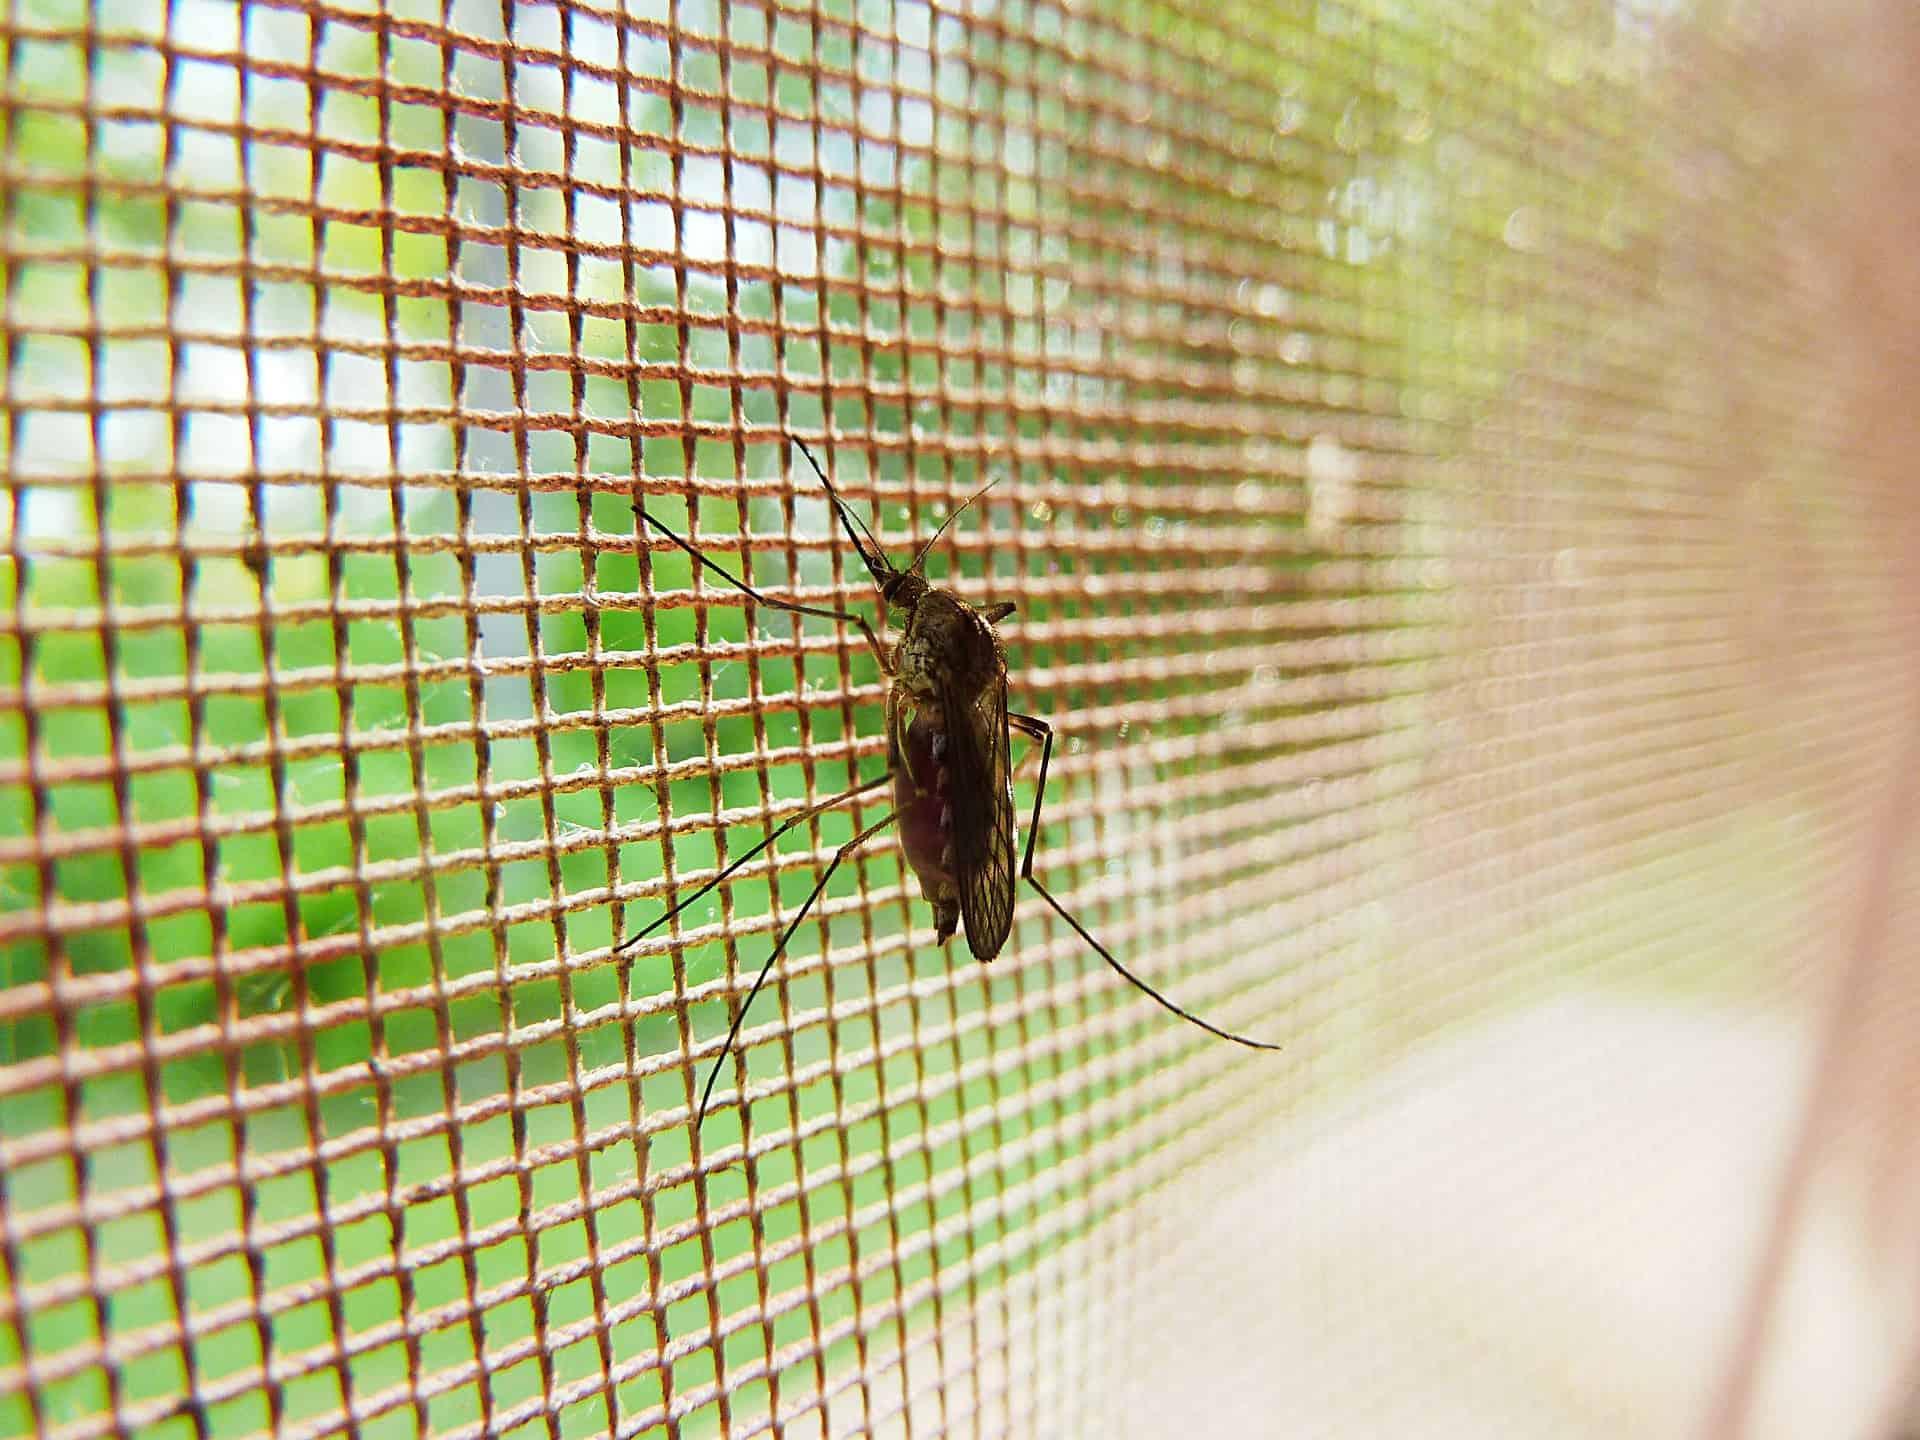 Imagem em close mostra inseto sobre tela mosquiteiro.